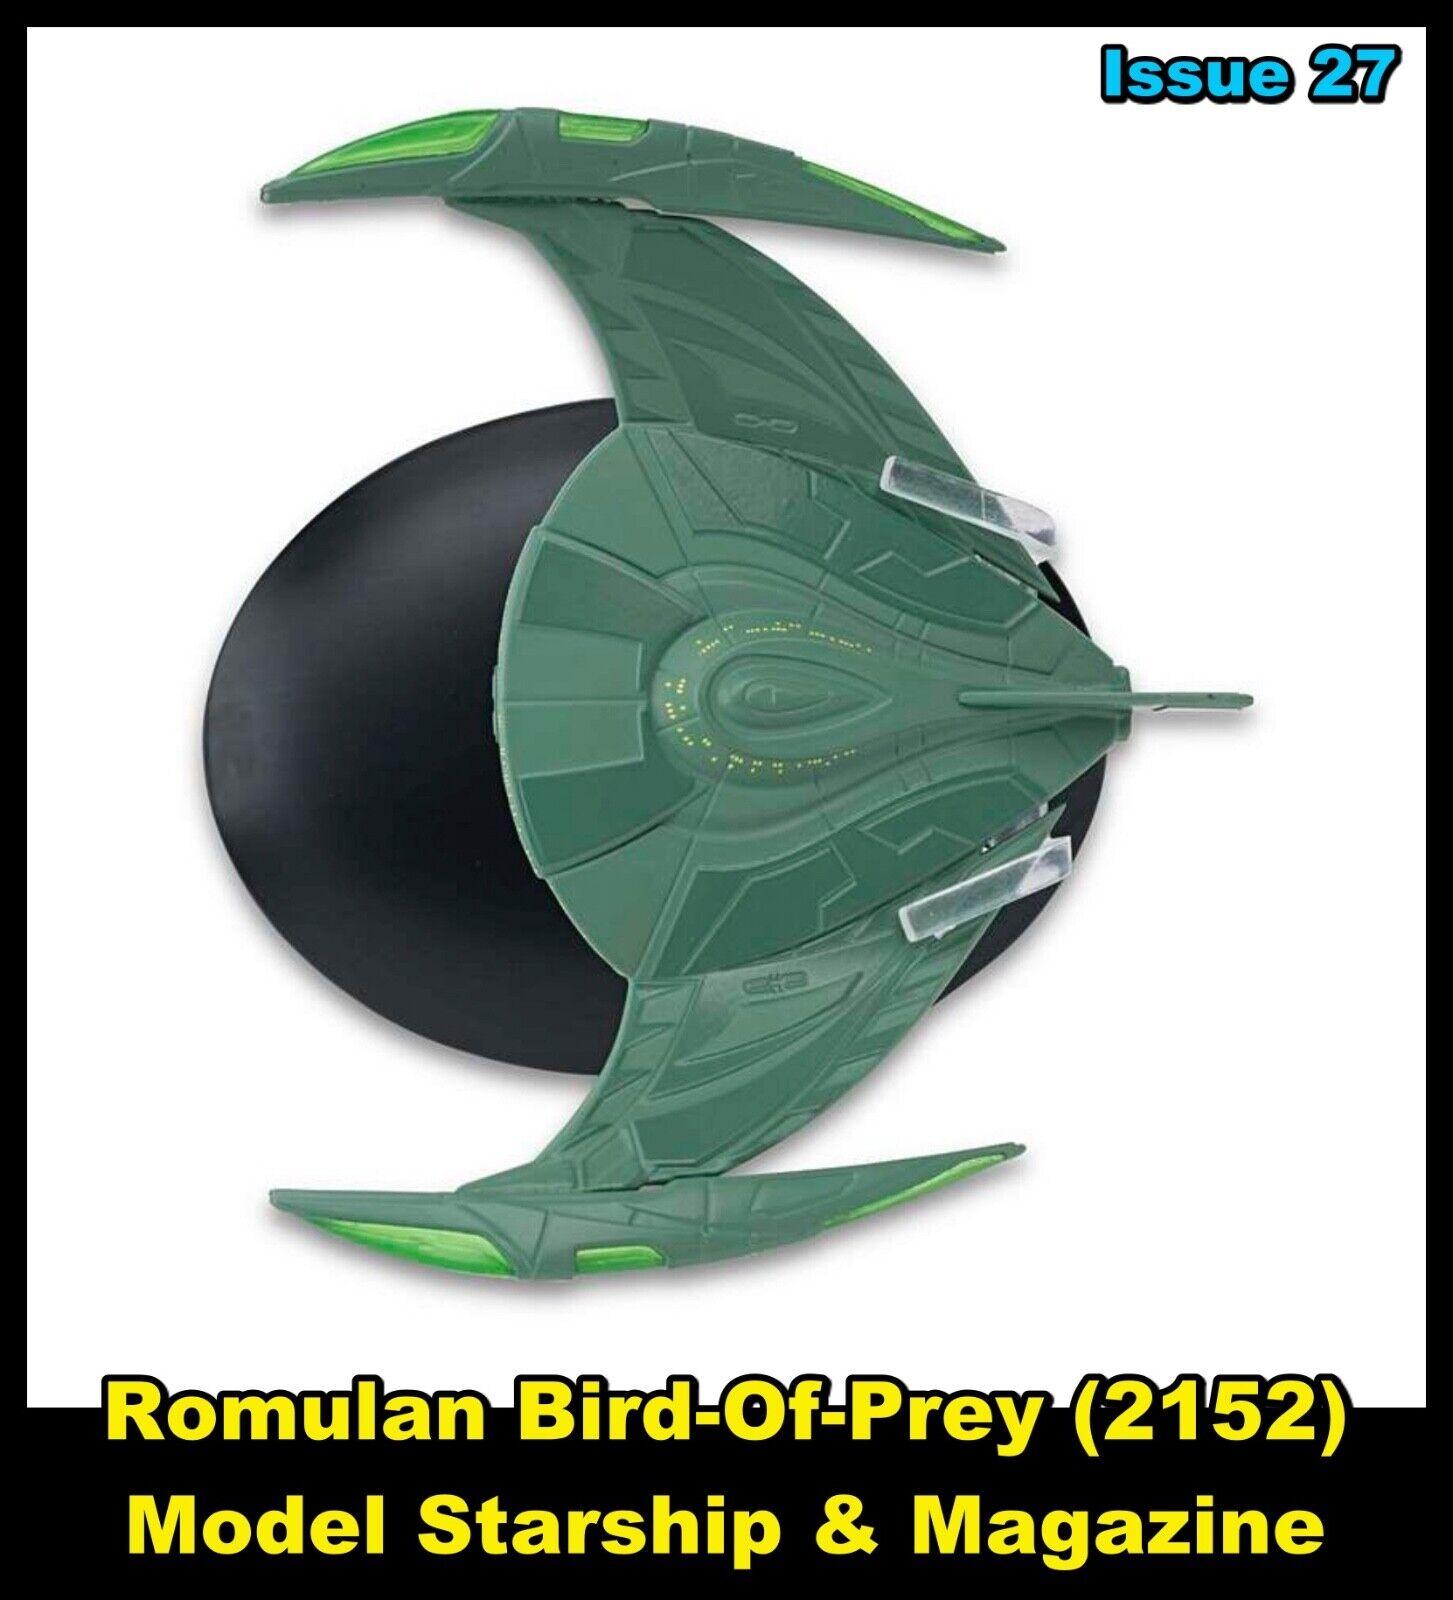 Issue 27 Romulan Bird of Prey (2152)